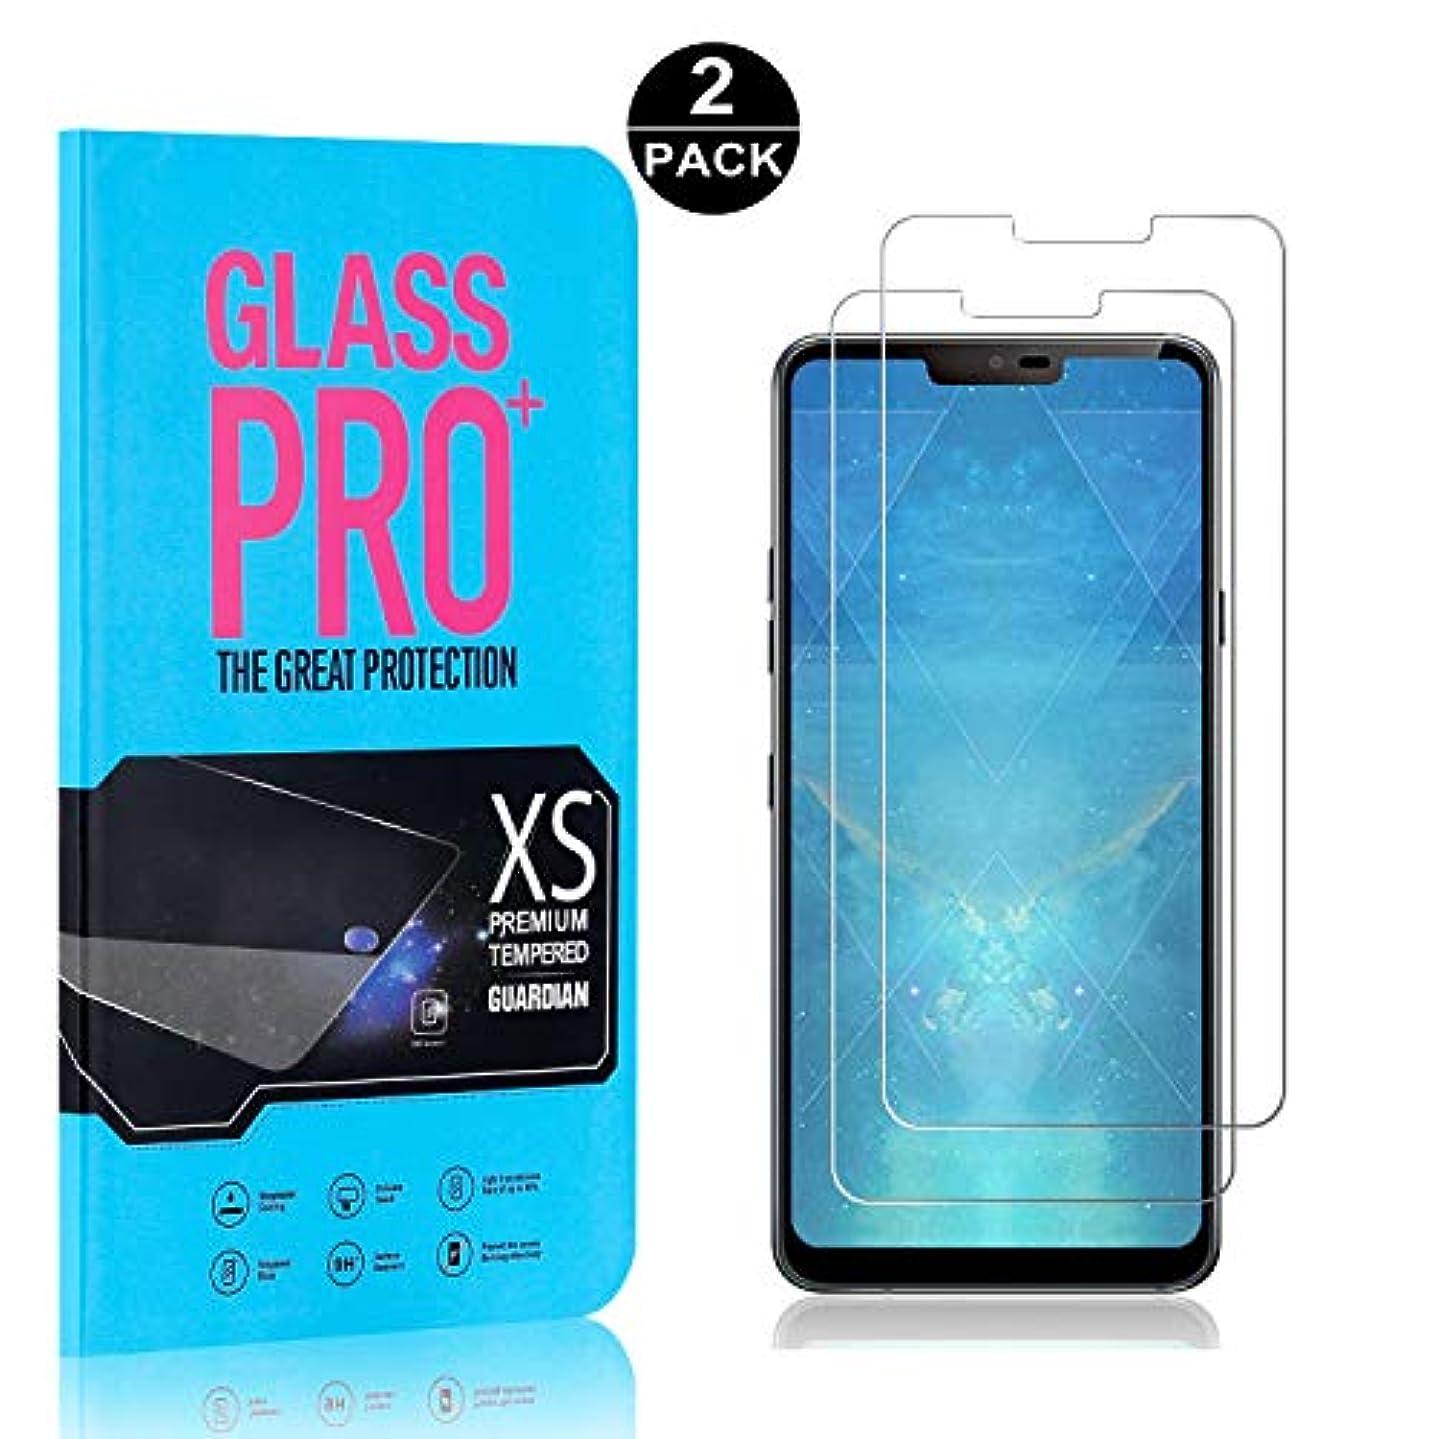 お金深さおとうさん【2枚セット】 LG G7 ThinQ 超薄 フィルム CUNUS LG G7 ThinQ 専用設計 強化ガラスフィルム 高透明度で 気泡防止 飛散防止 硬度9H 耐衝撃 超薄0.26mm 液晶保護フィルム